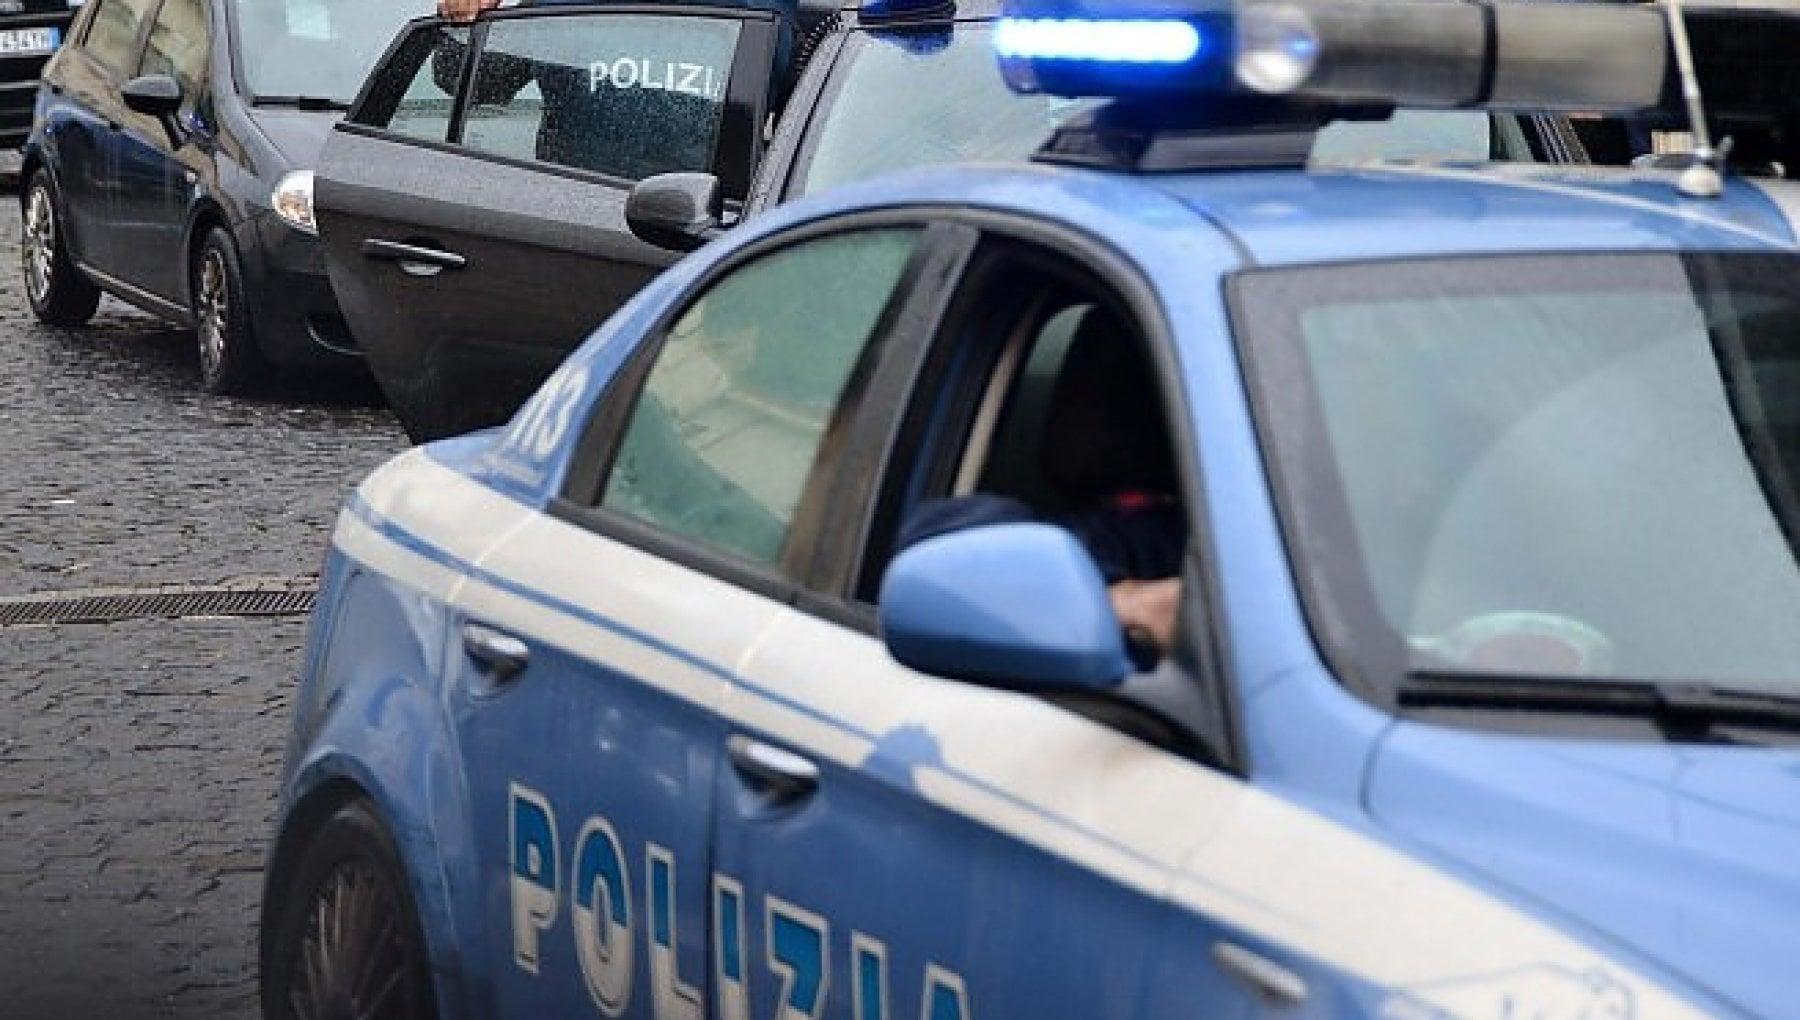 Troupe Rai aggredita a Ponte Milvio arrestati due ultras della Lazio a Roma